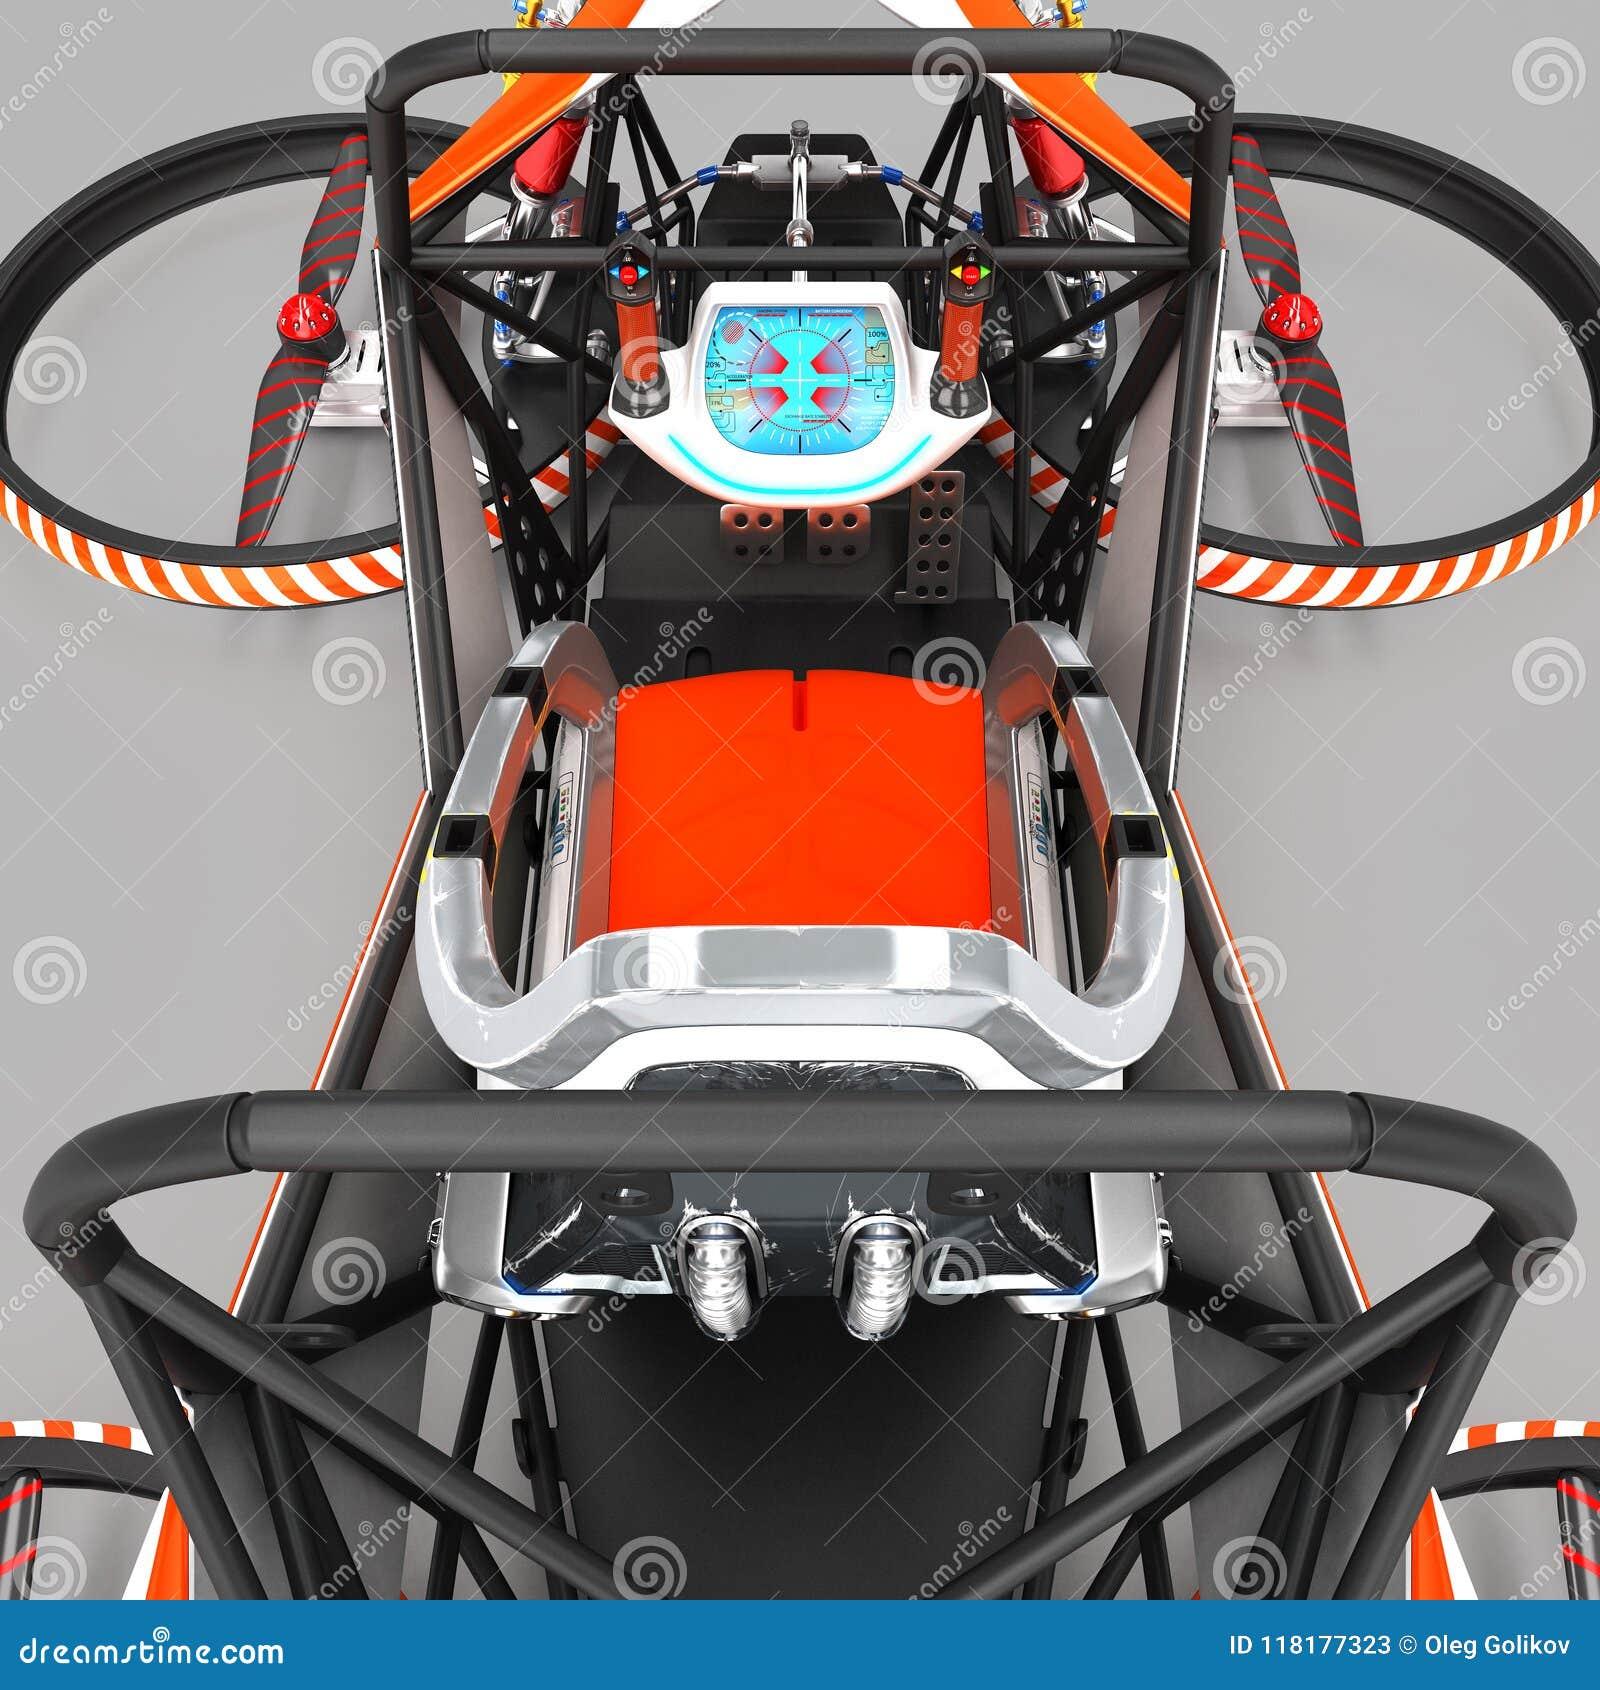 Quadrocopter monoplaza compacto para el uso privado Pequeño vehículo urbano con un motor eléctrico